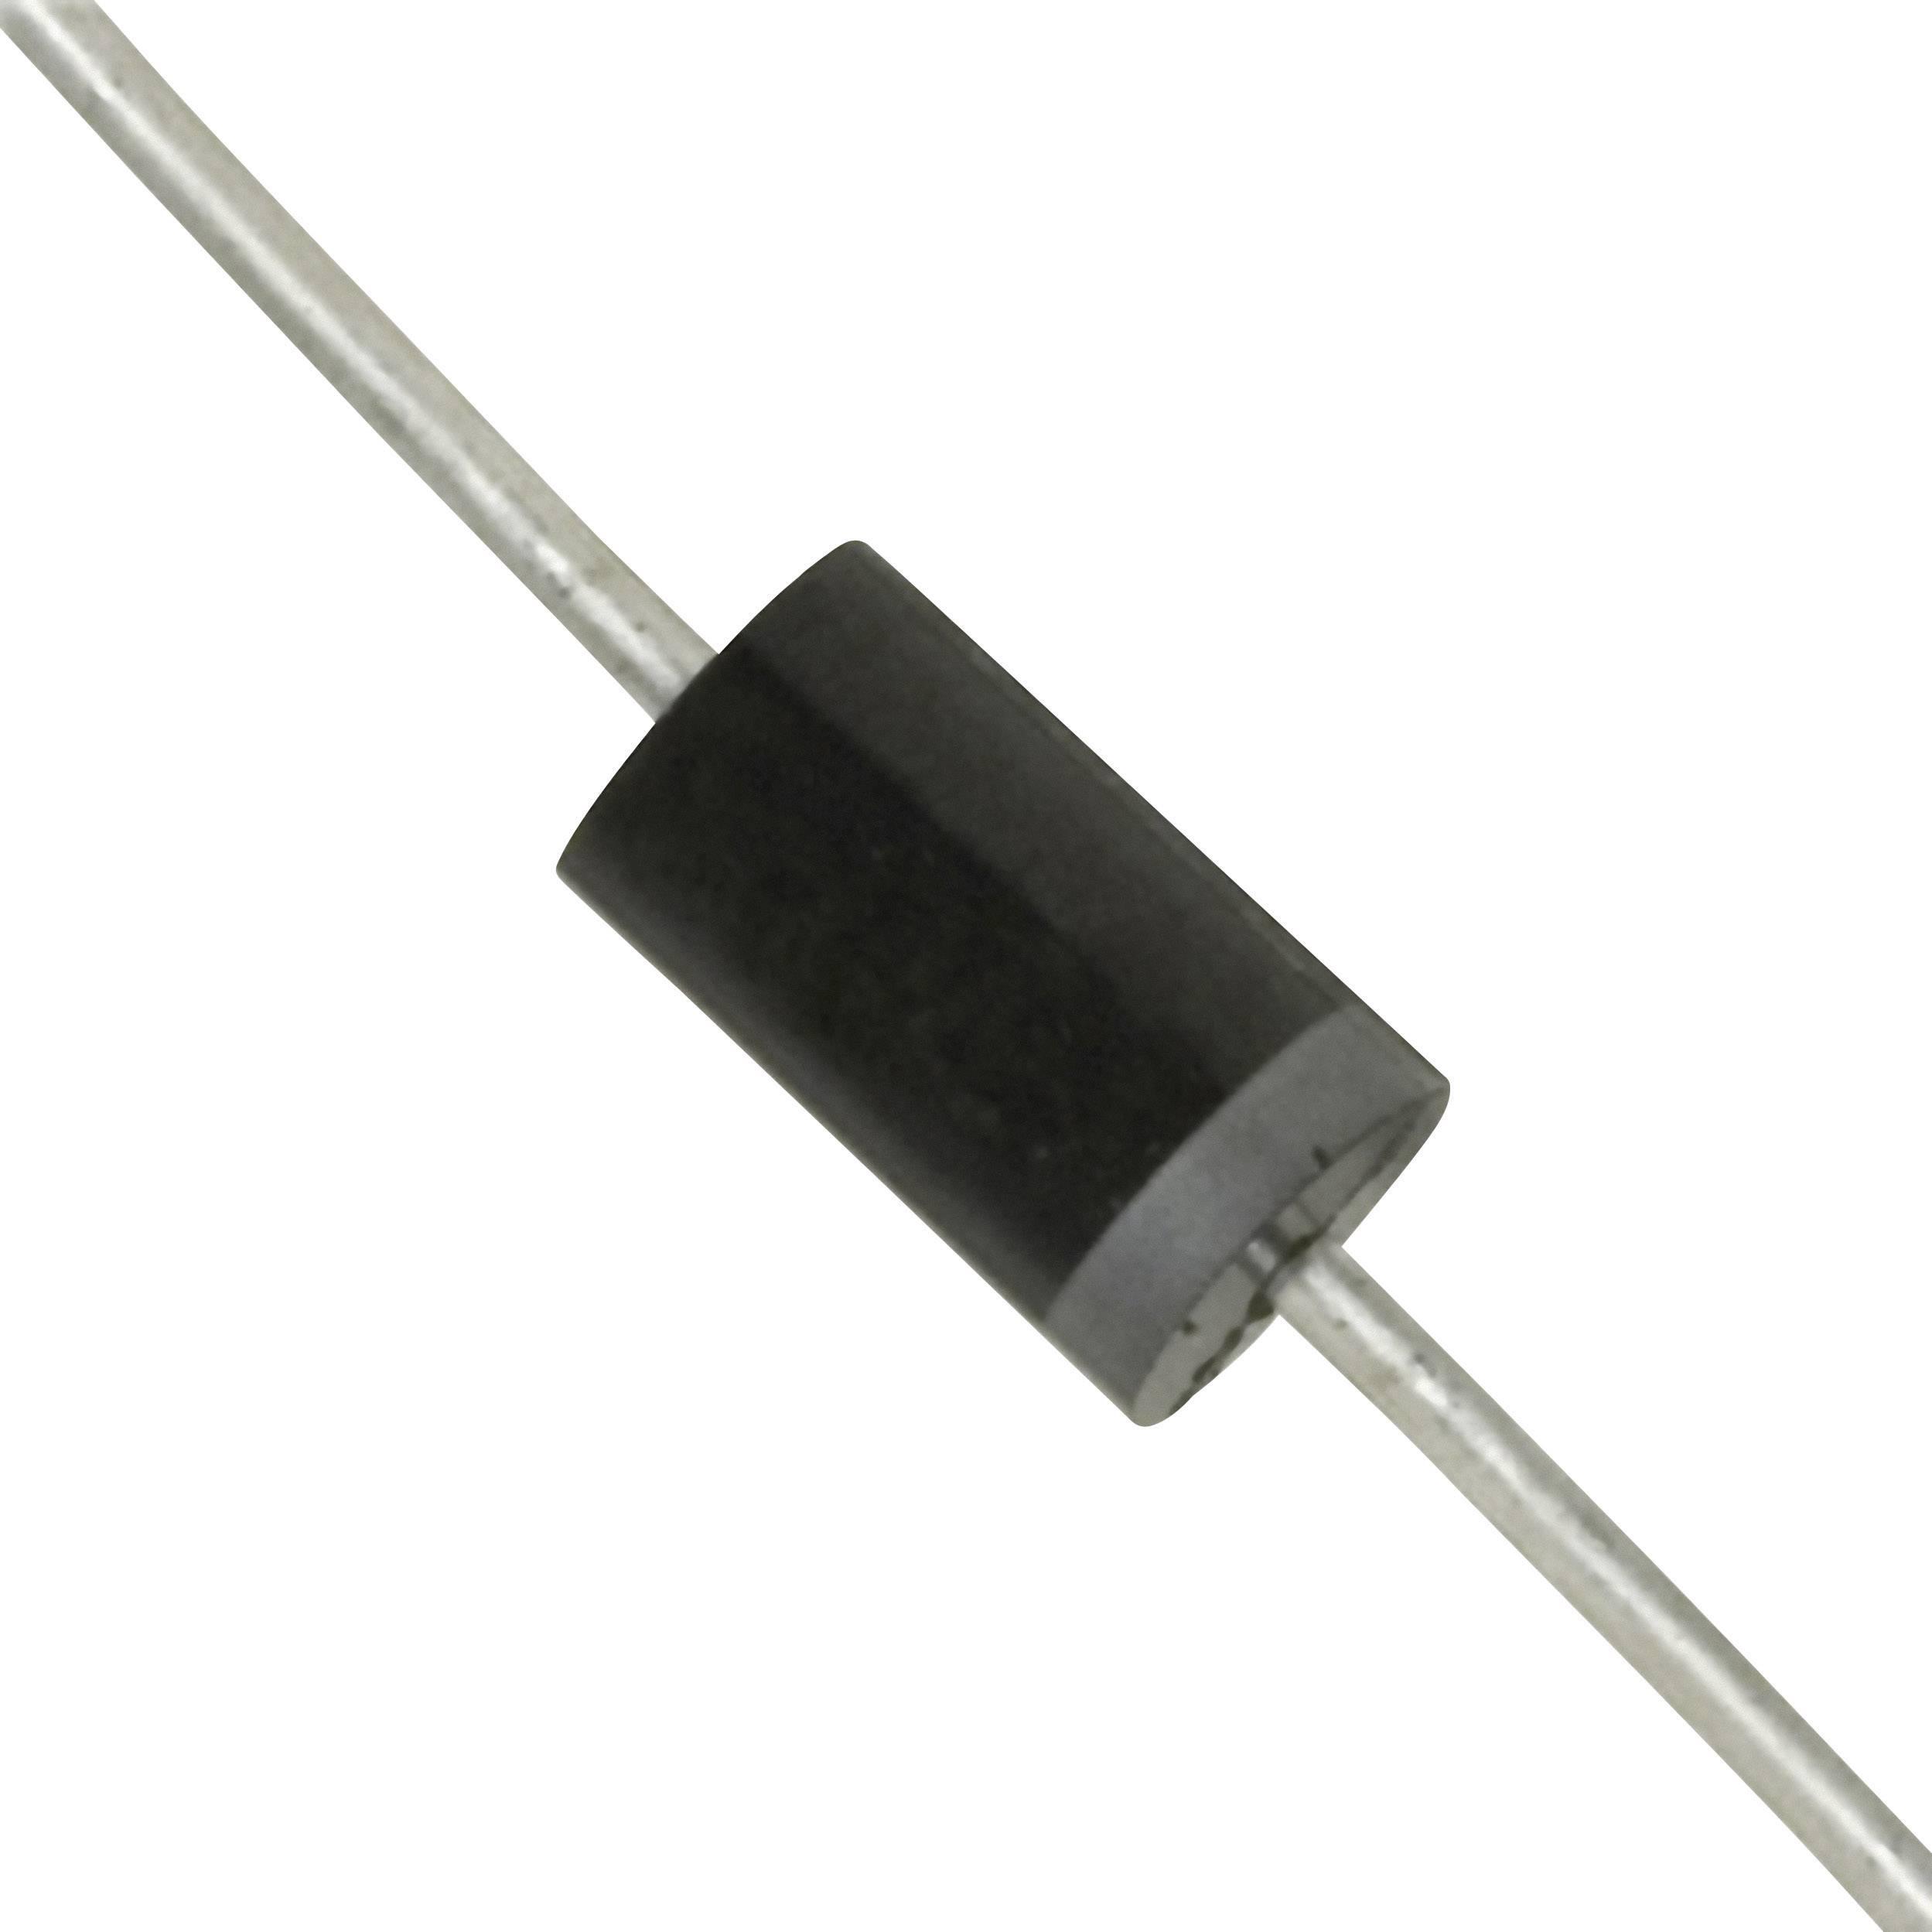 Dióda Z Diotec ZPD12, DO-35, zener. napätie 12 V